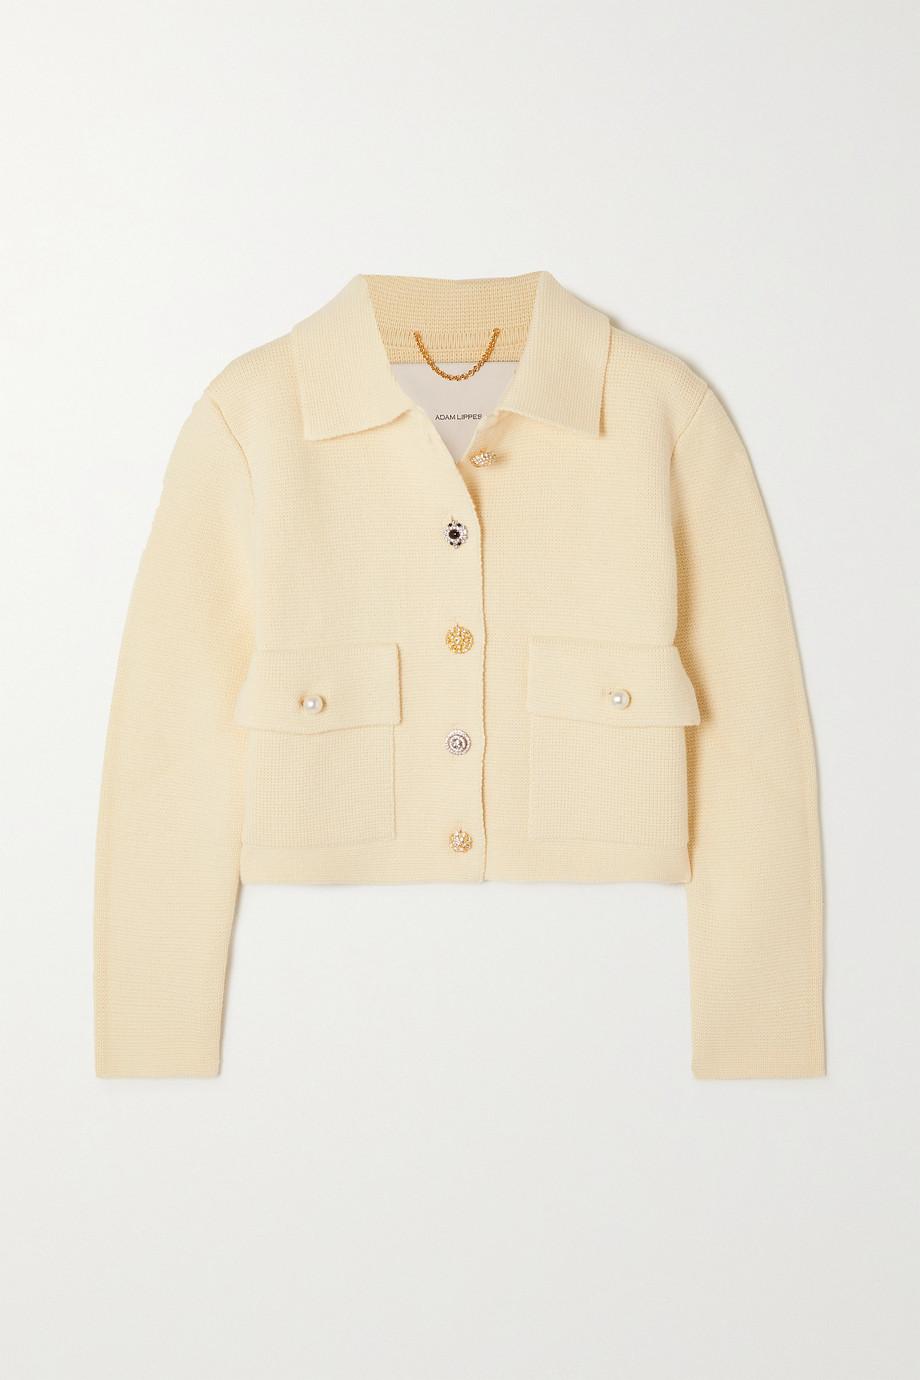 Adam Lippes Embellished cotton jacket